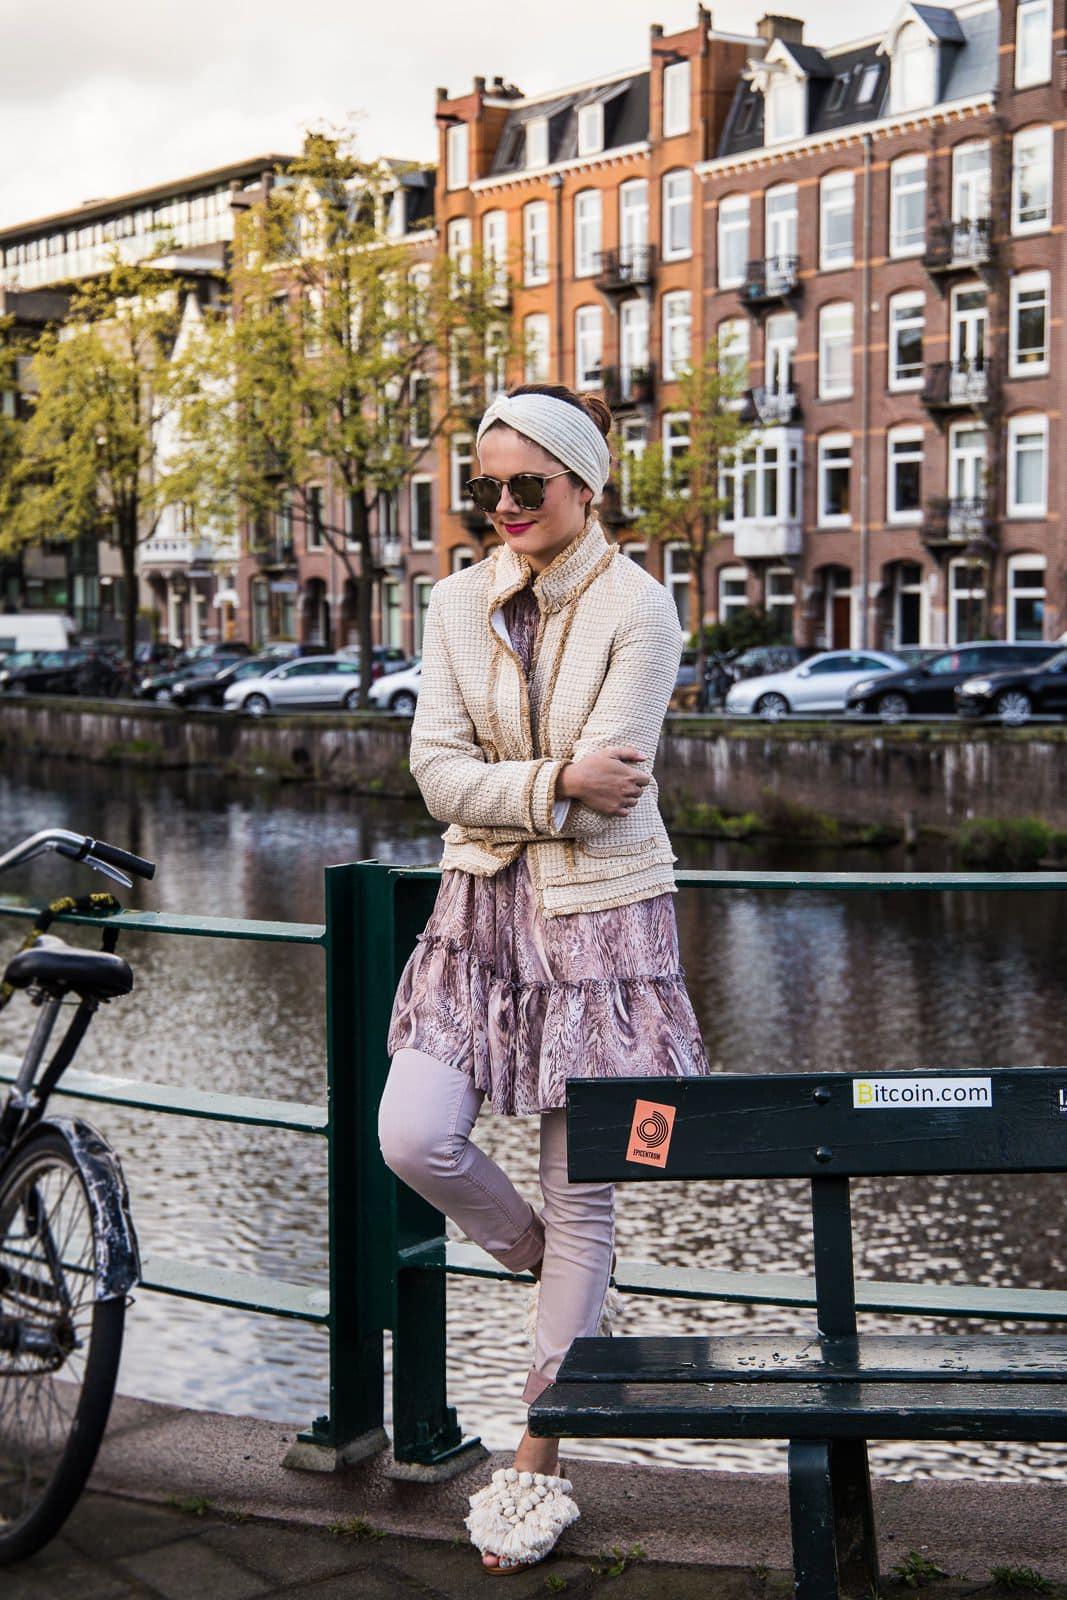 Amsterdam Guide - Die besten Restaurants & Aktivitäten in Holland